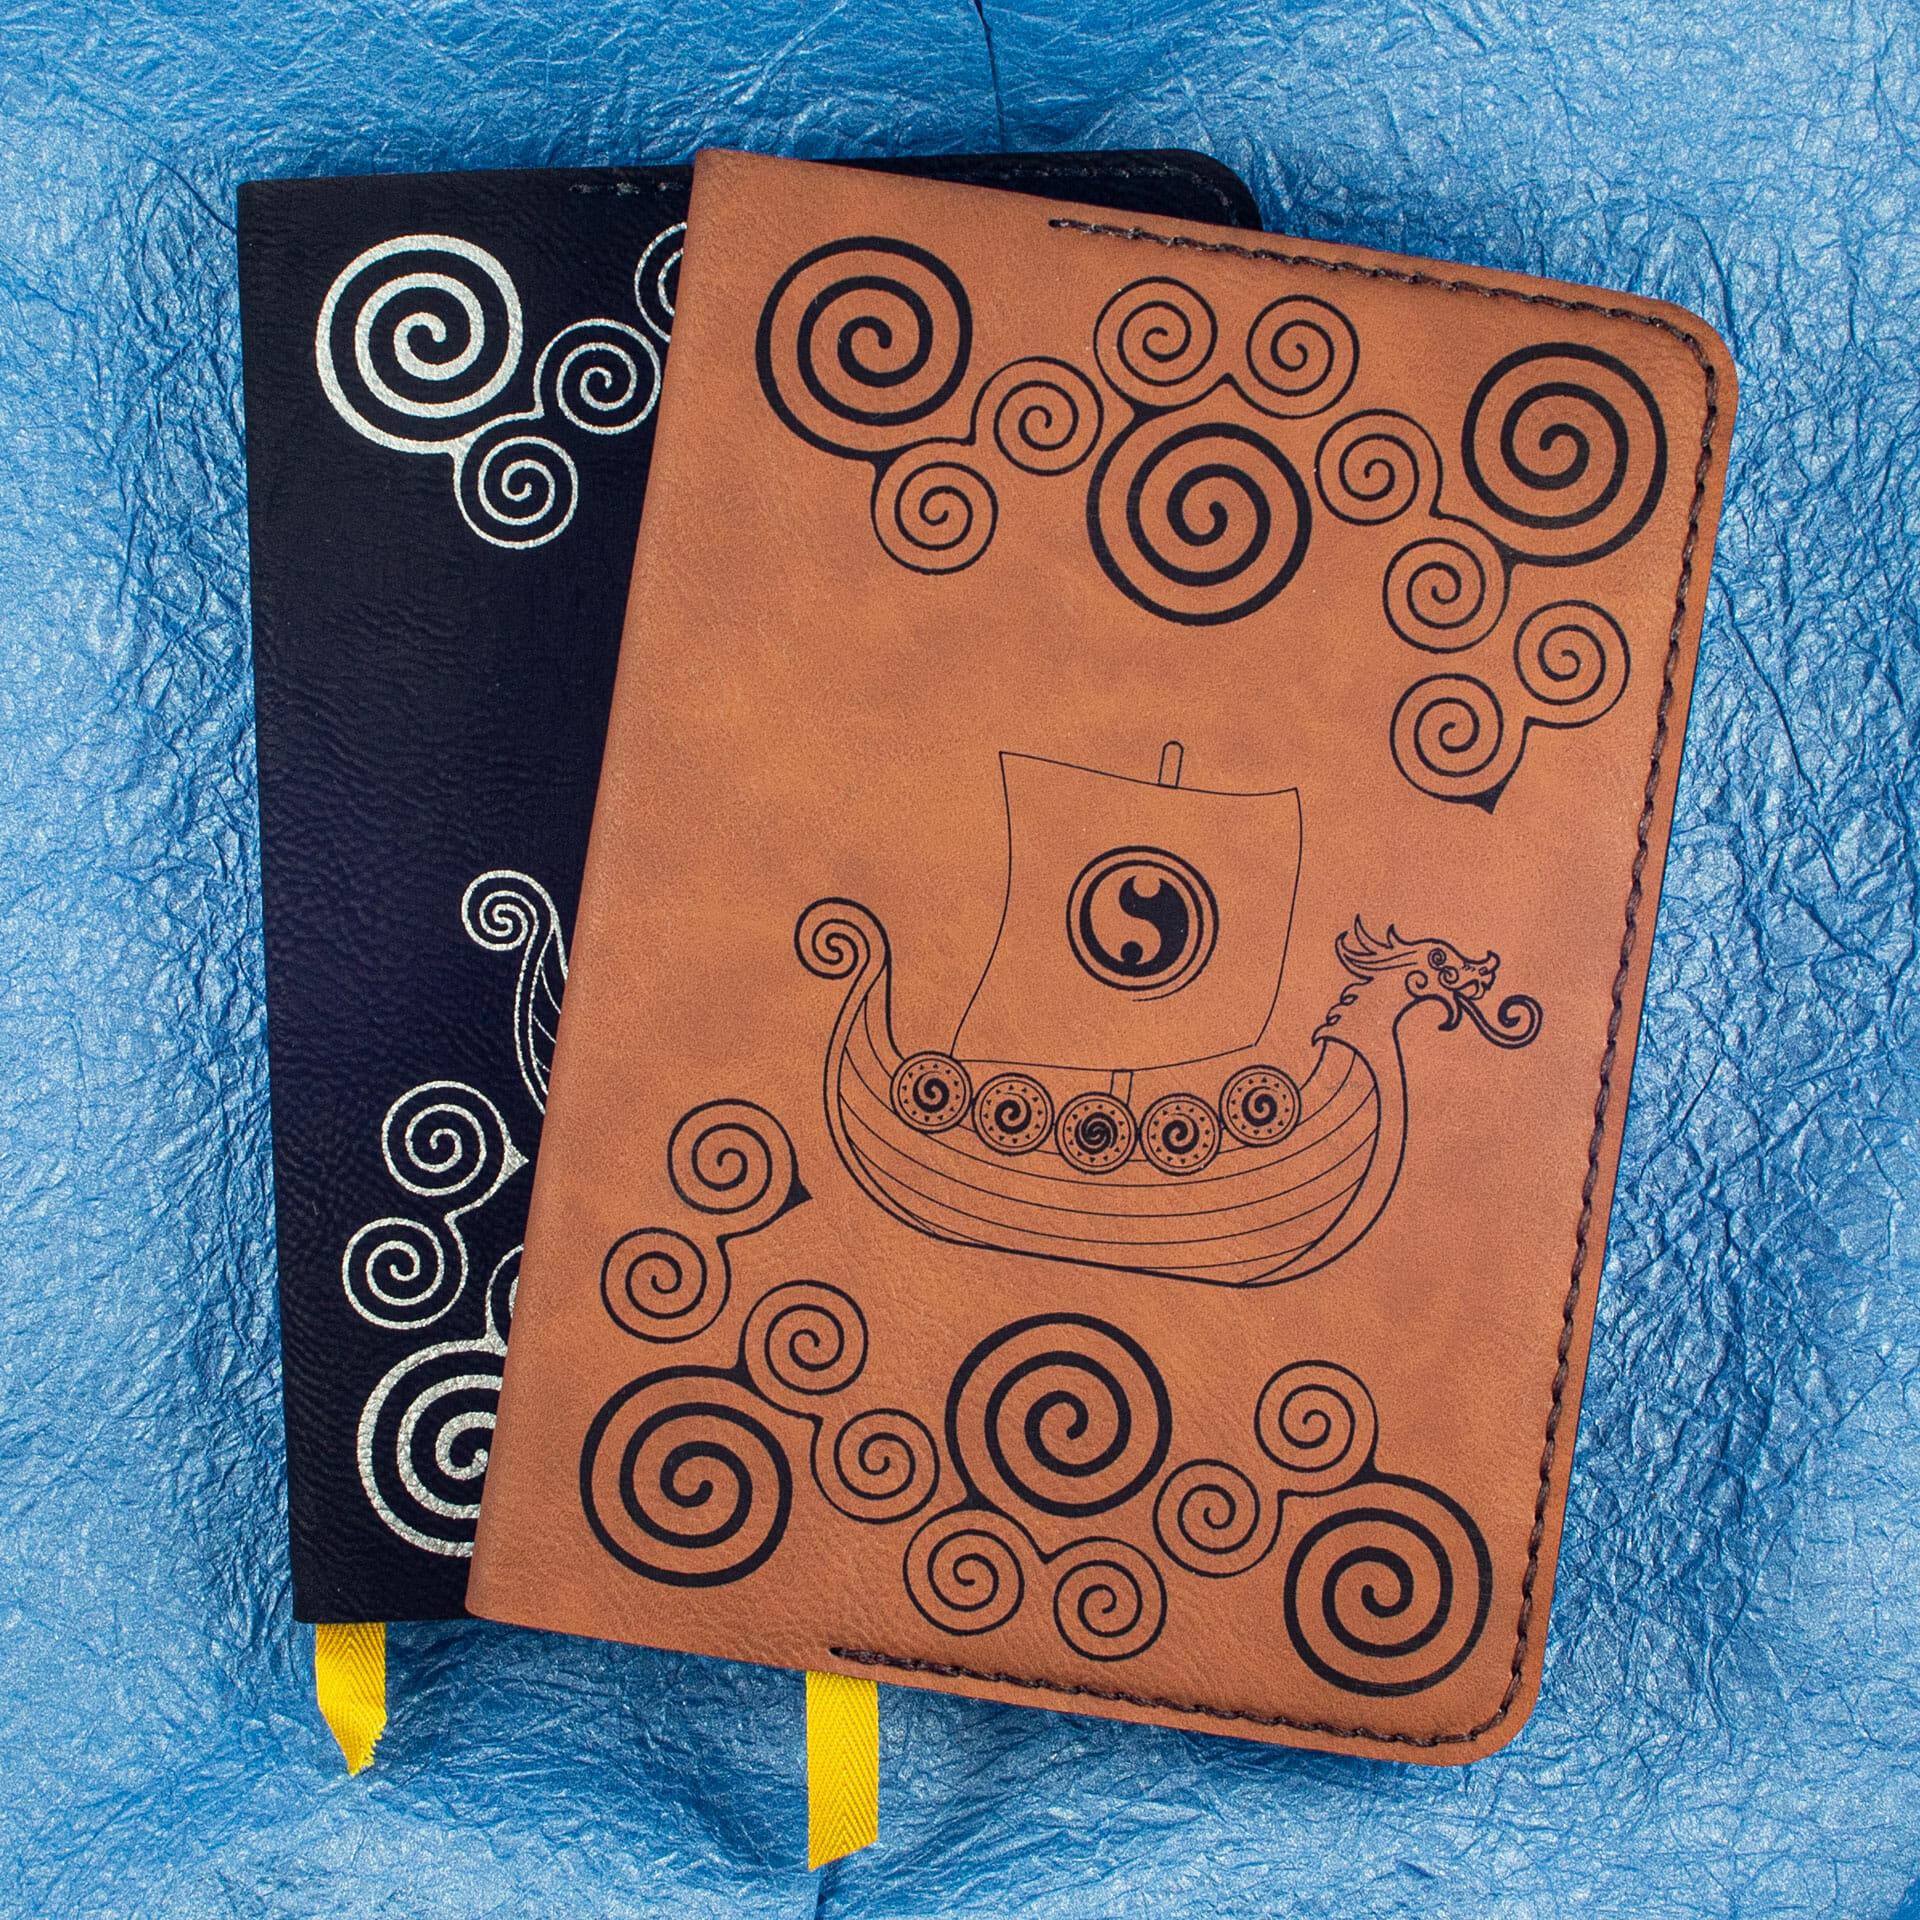 Viking Longship Design on Hardcover Notebooks (Brown)